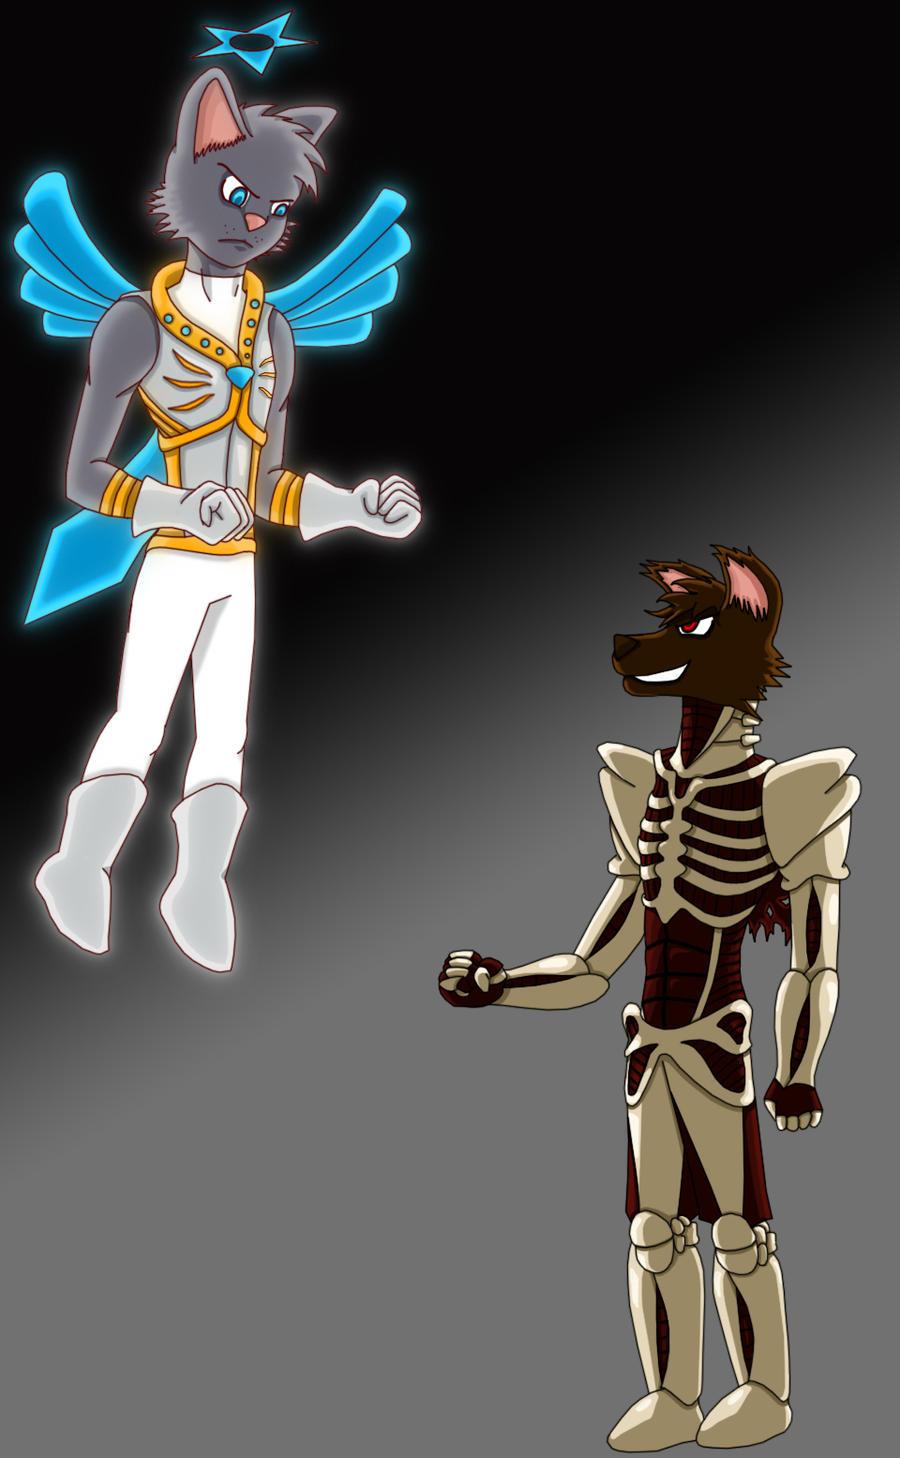 Eternal rivals by TrizRocks